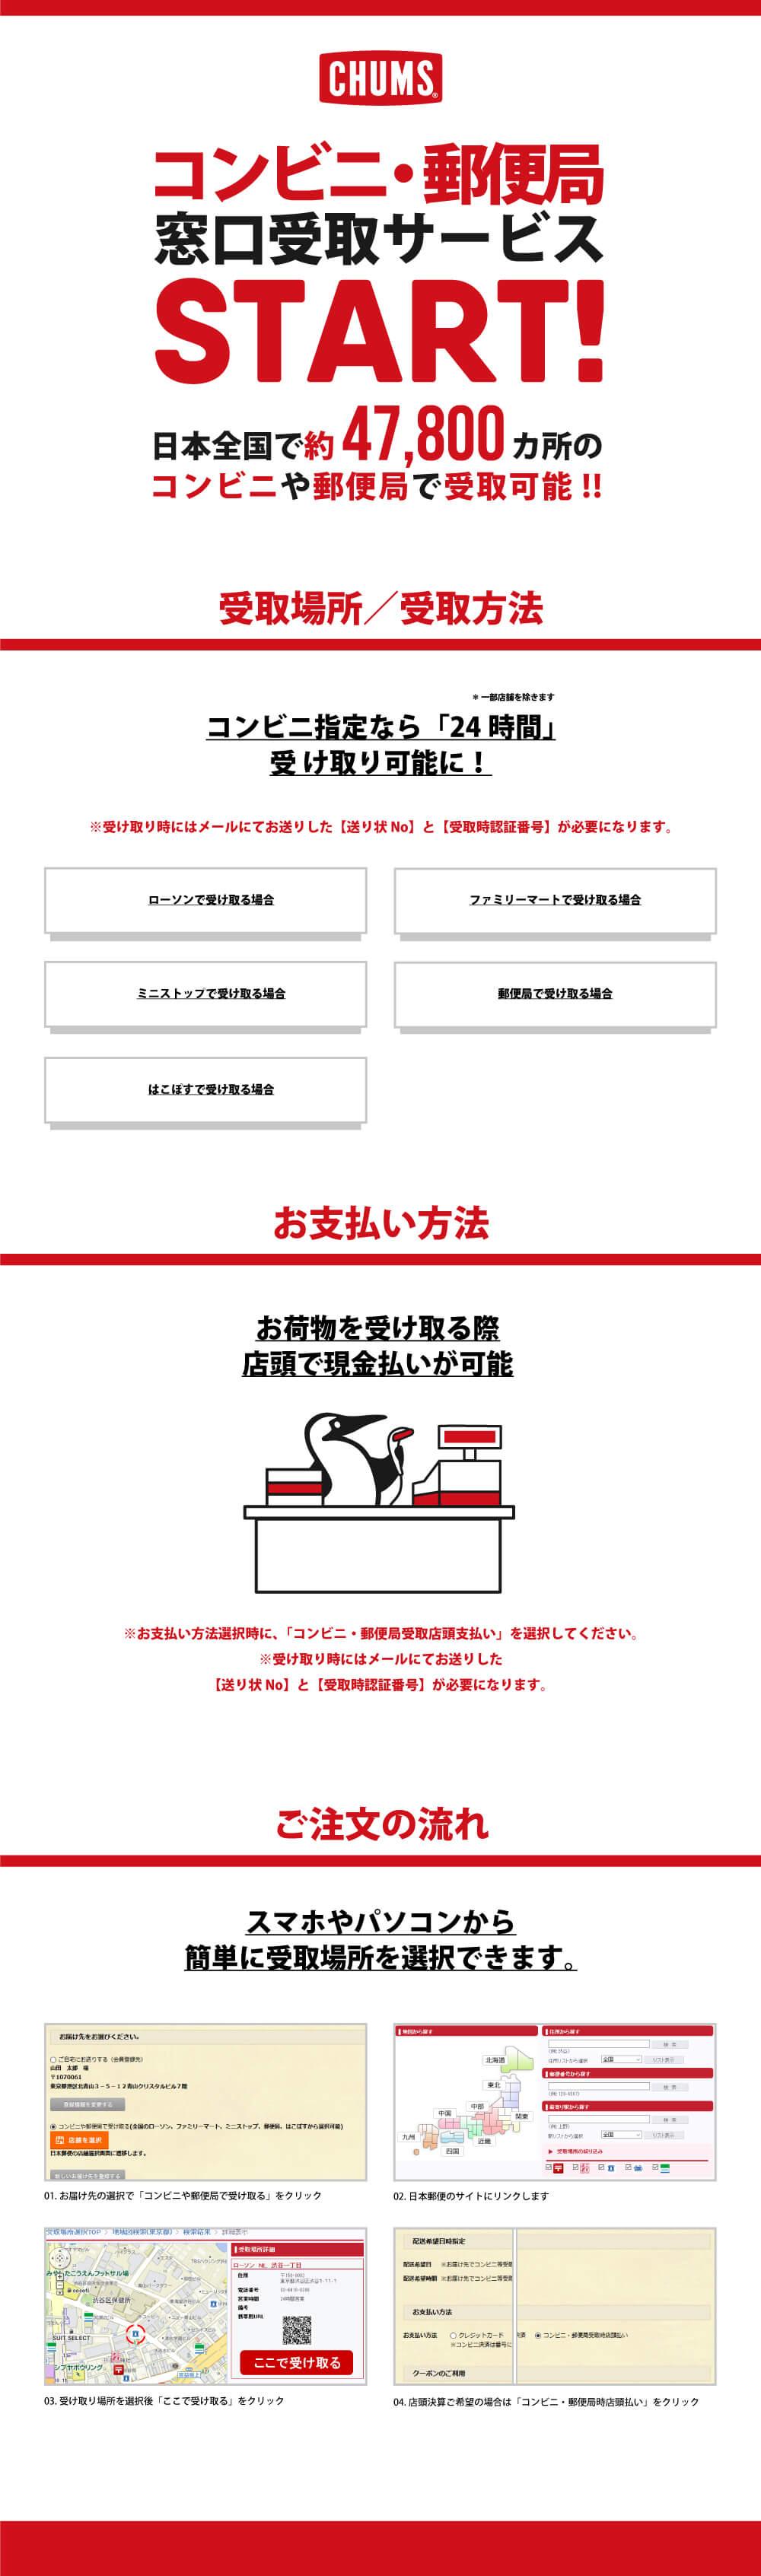 コンビニ・郵便局窓口受取スタート